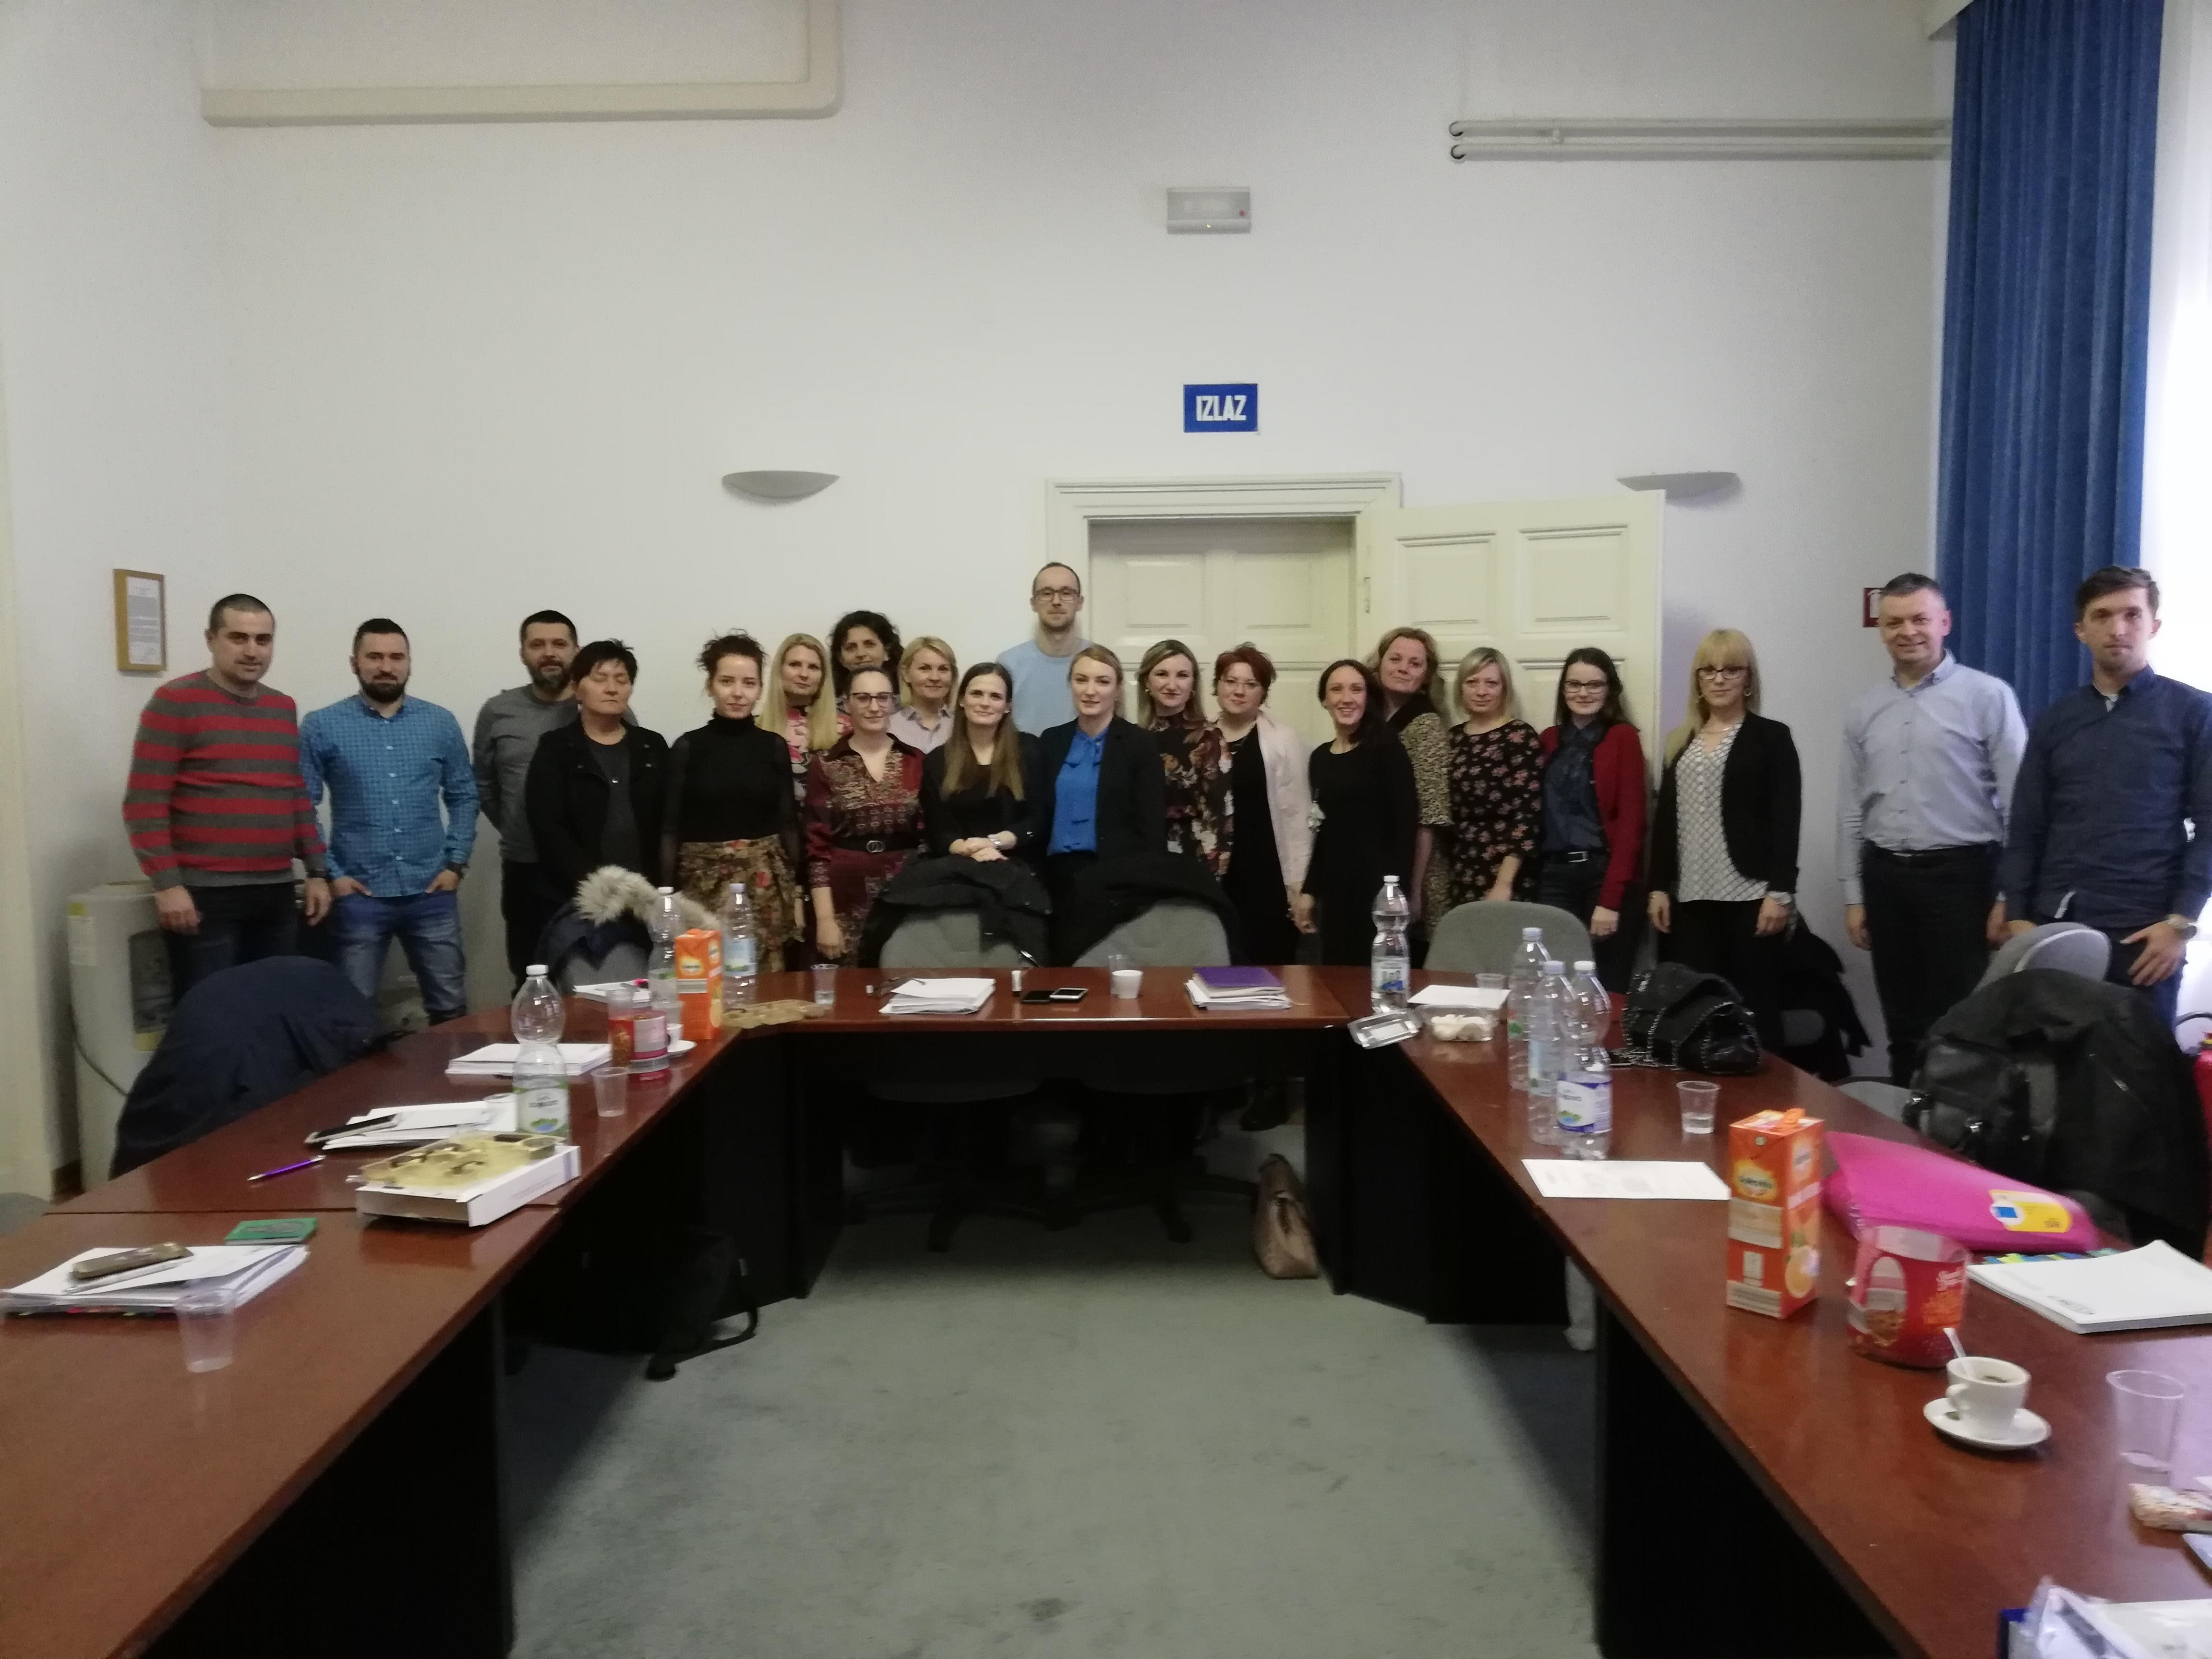 Specijalistički-program-izobrazbe-javna-nabava-Lureti-specijalistički porogram izobrazbe u području javne nabave za certifikat